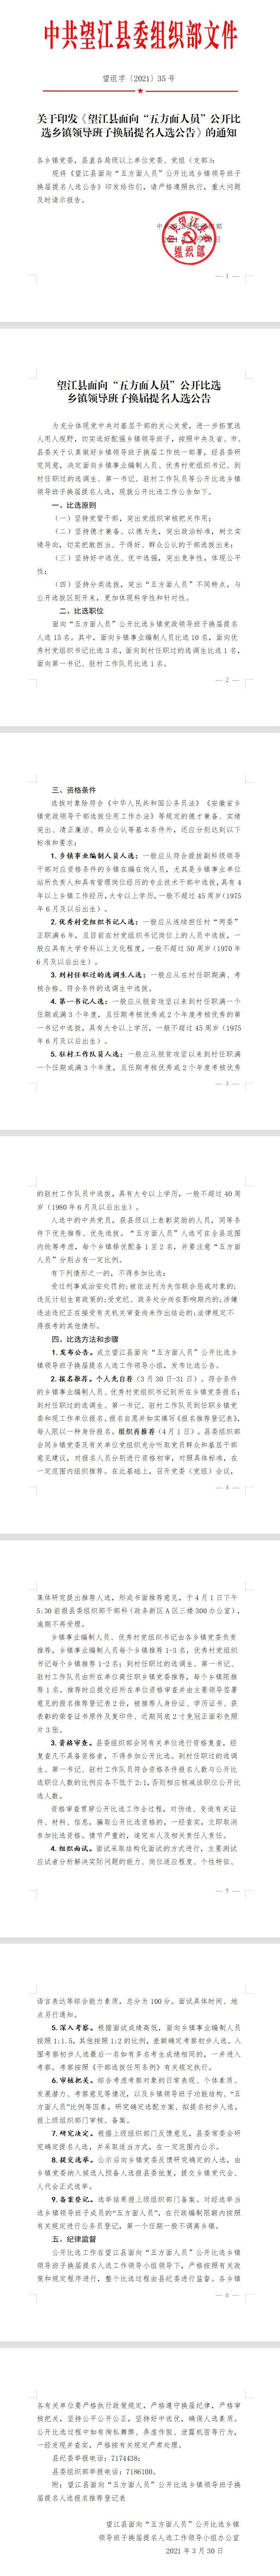 2021年安庆市望江县比选乡镇领导班子15人公告